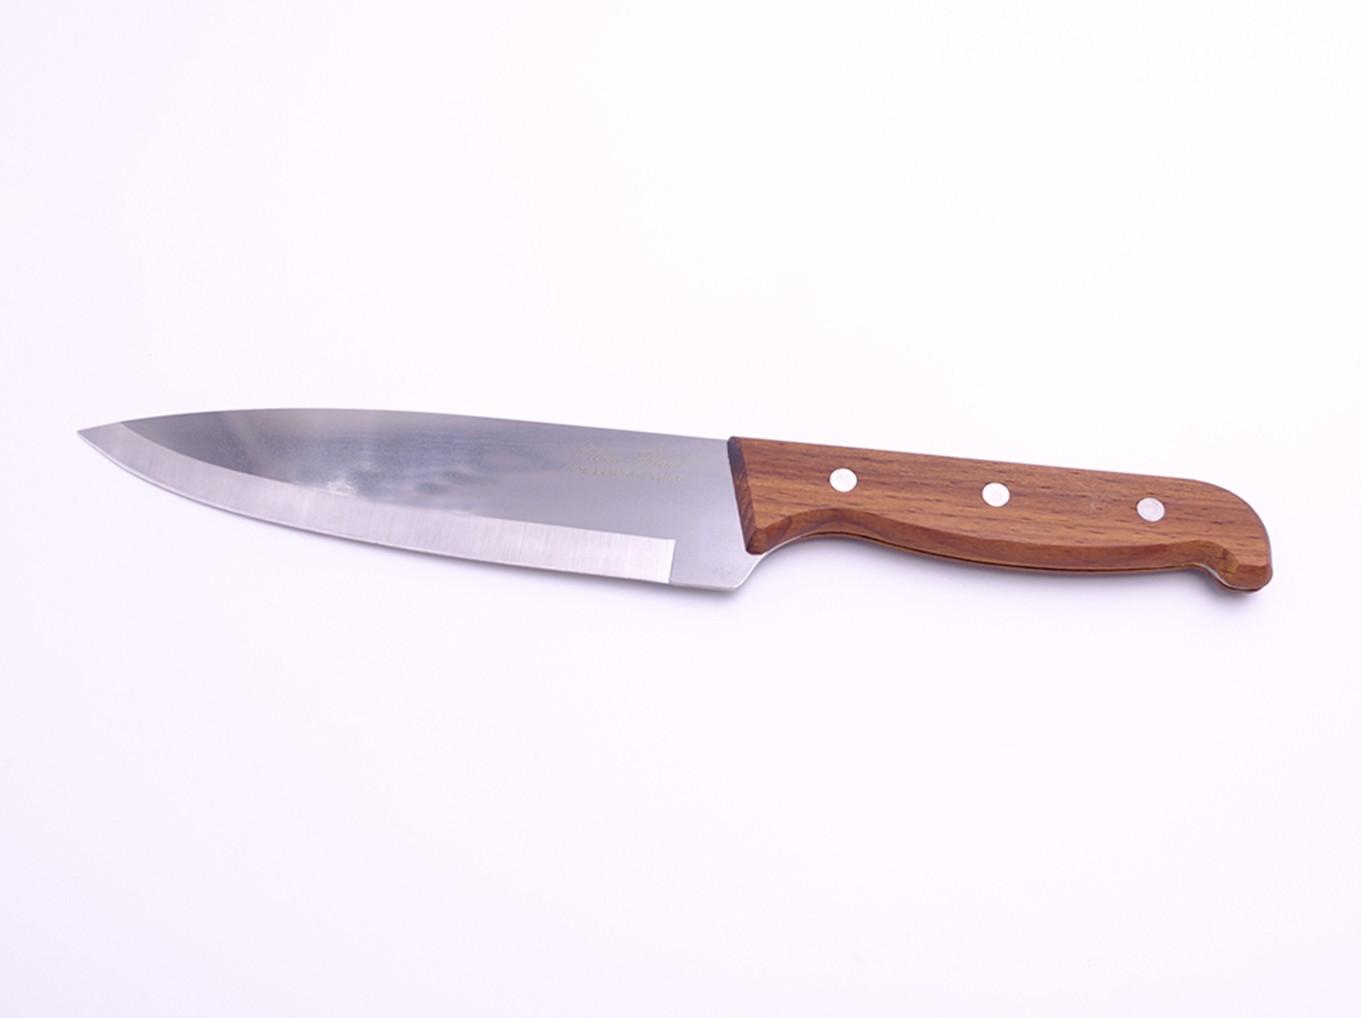 Шеф-нож большой с деревянной ручкой 30см КН-110